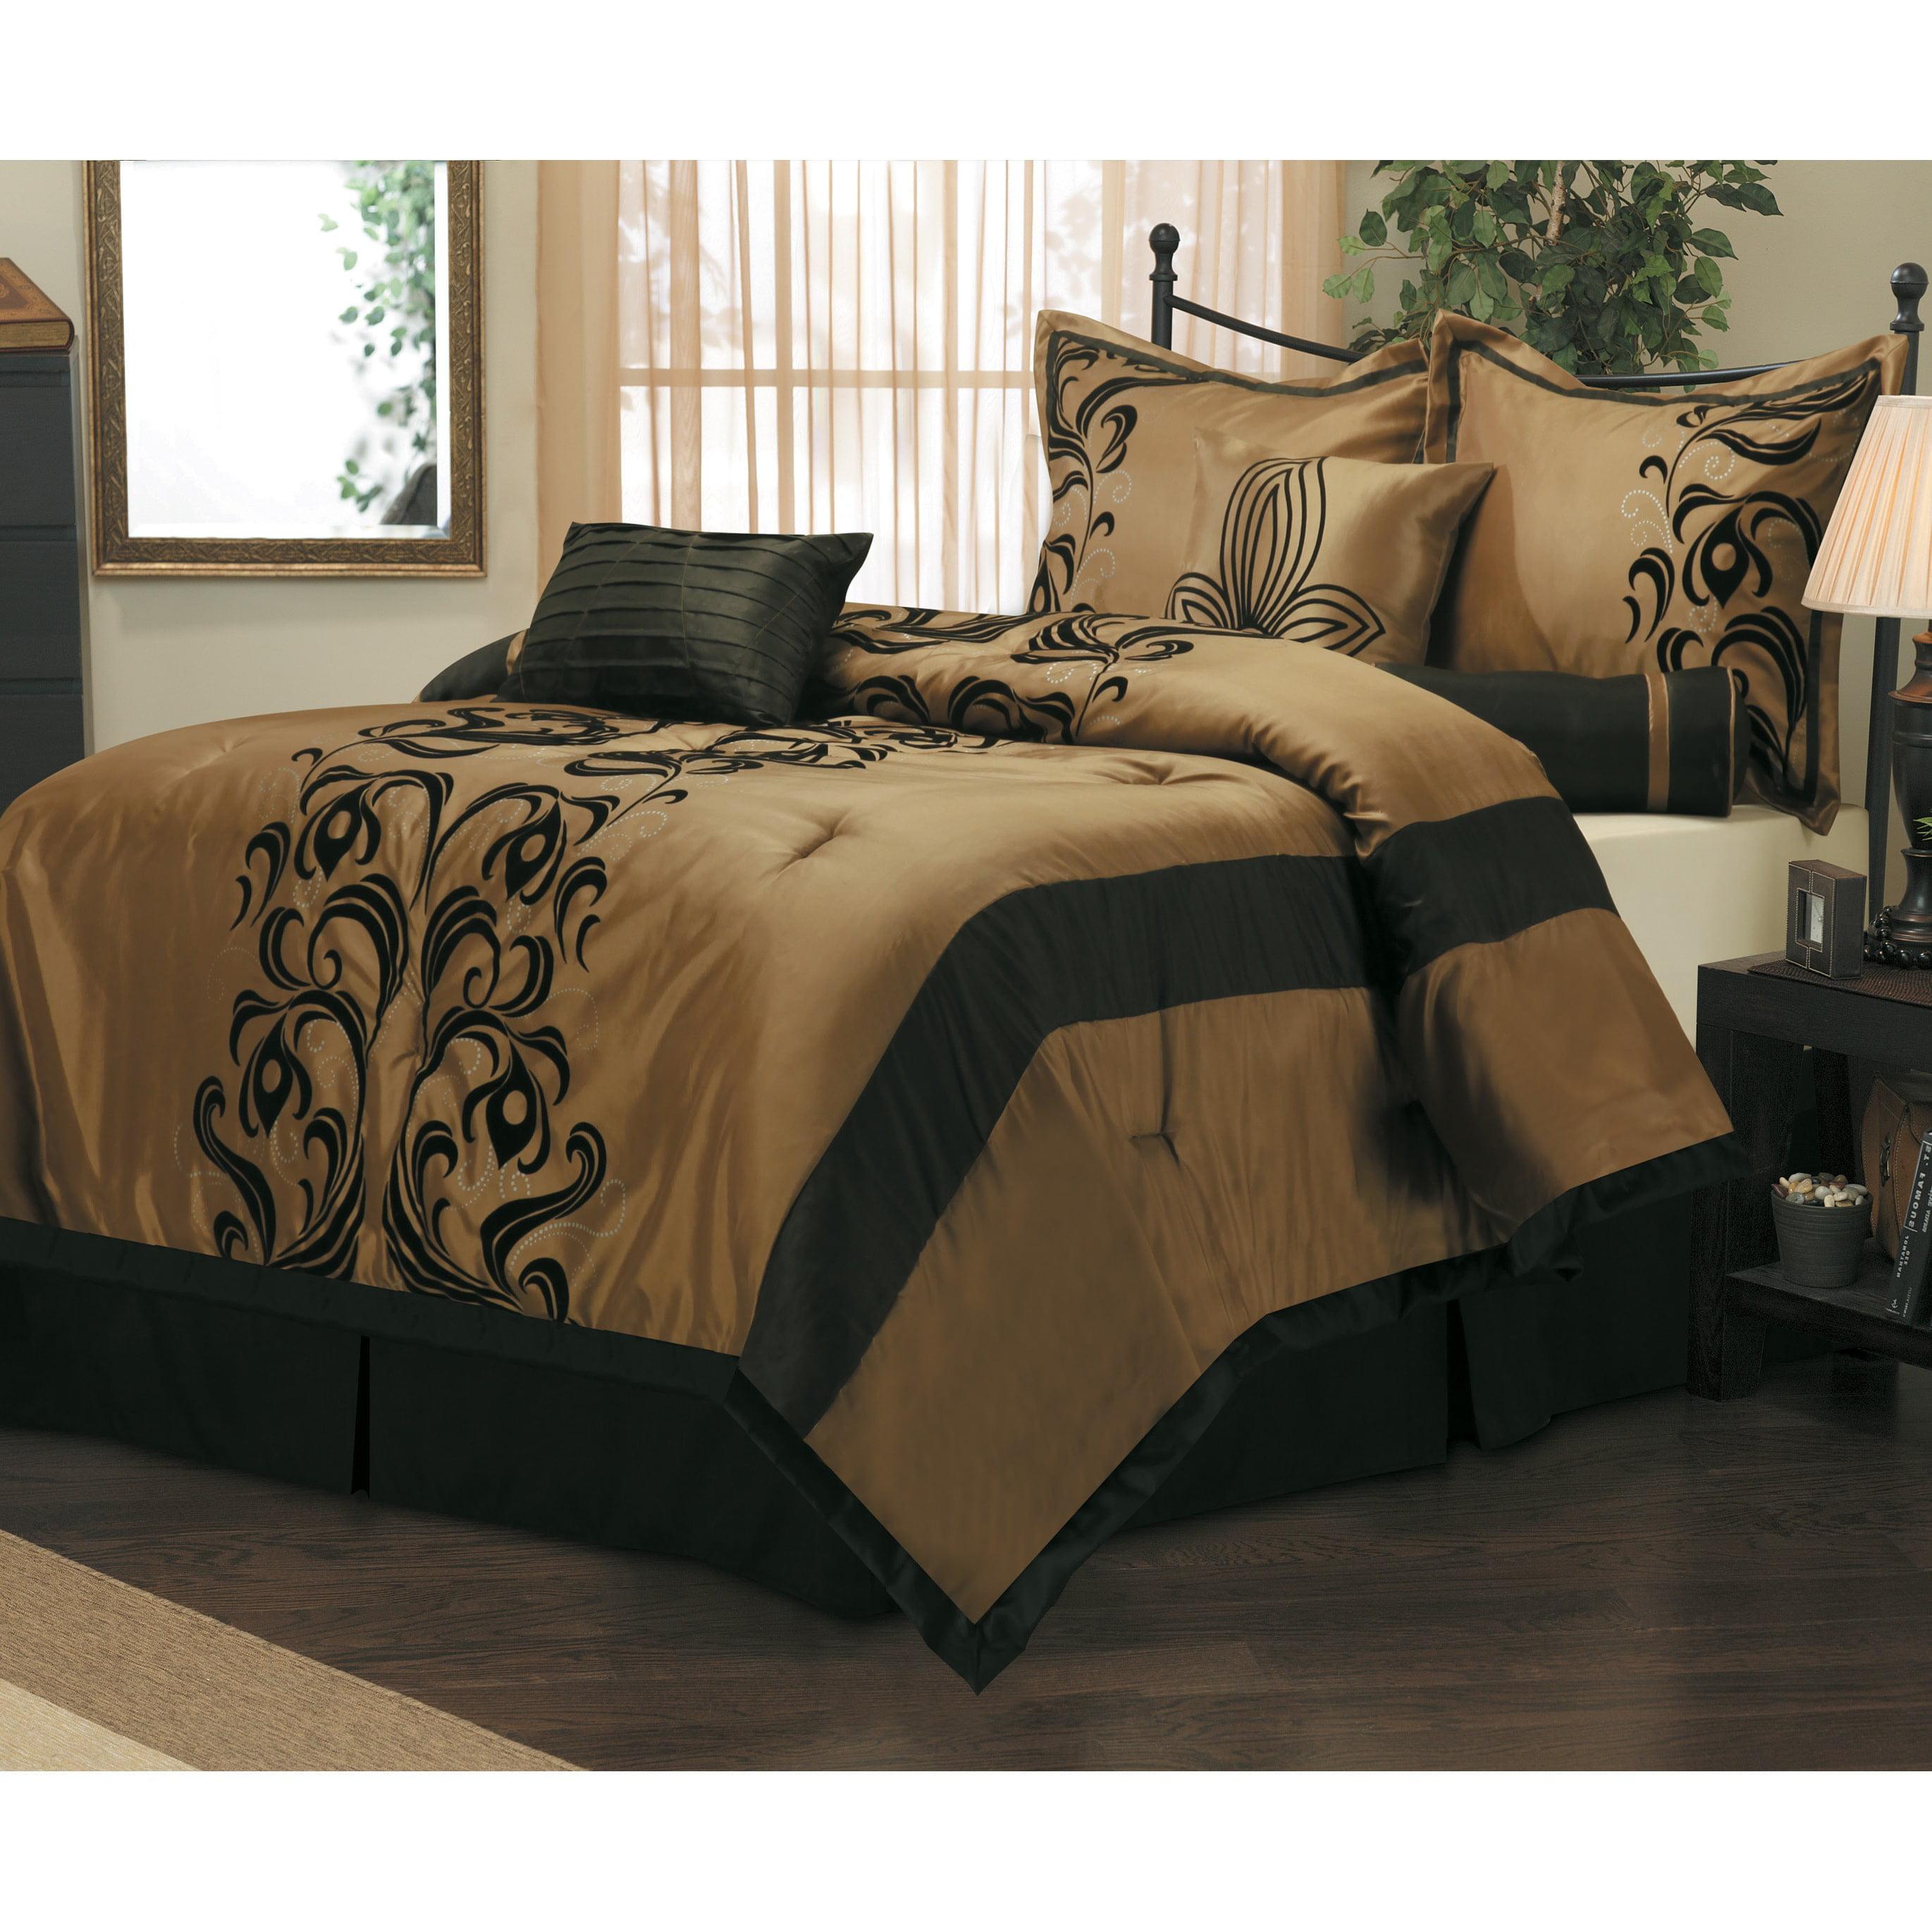 helda 7piece bedding comforter set